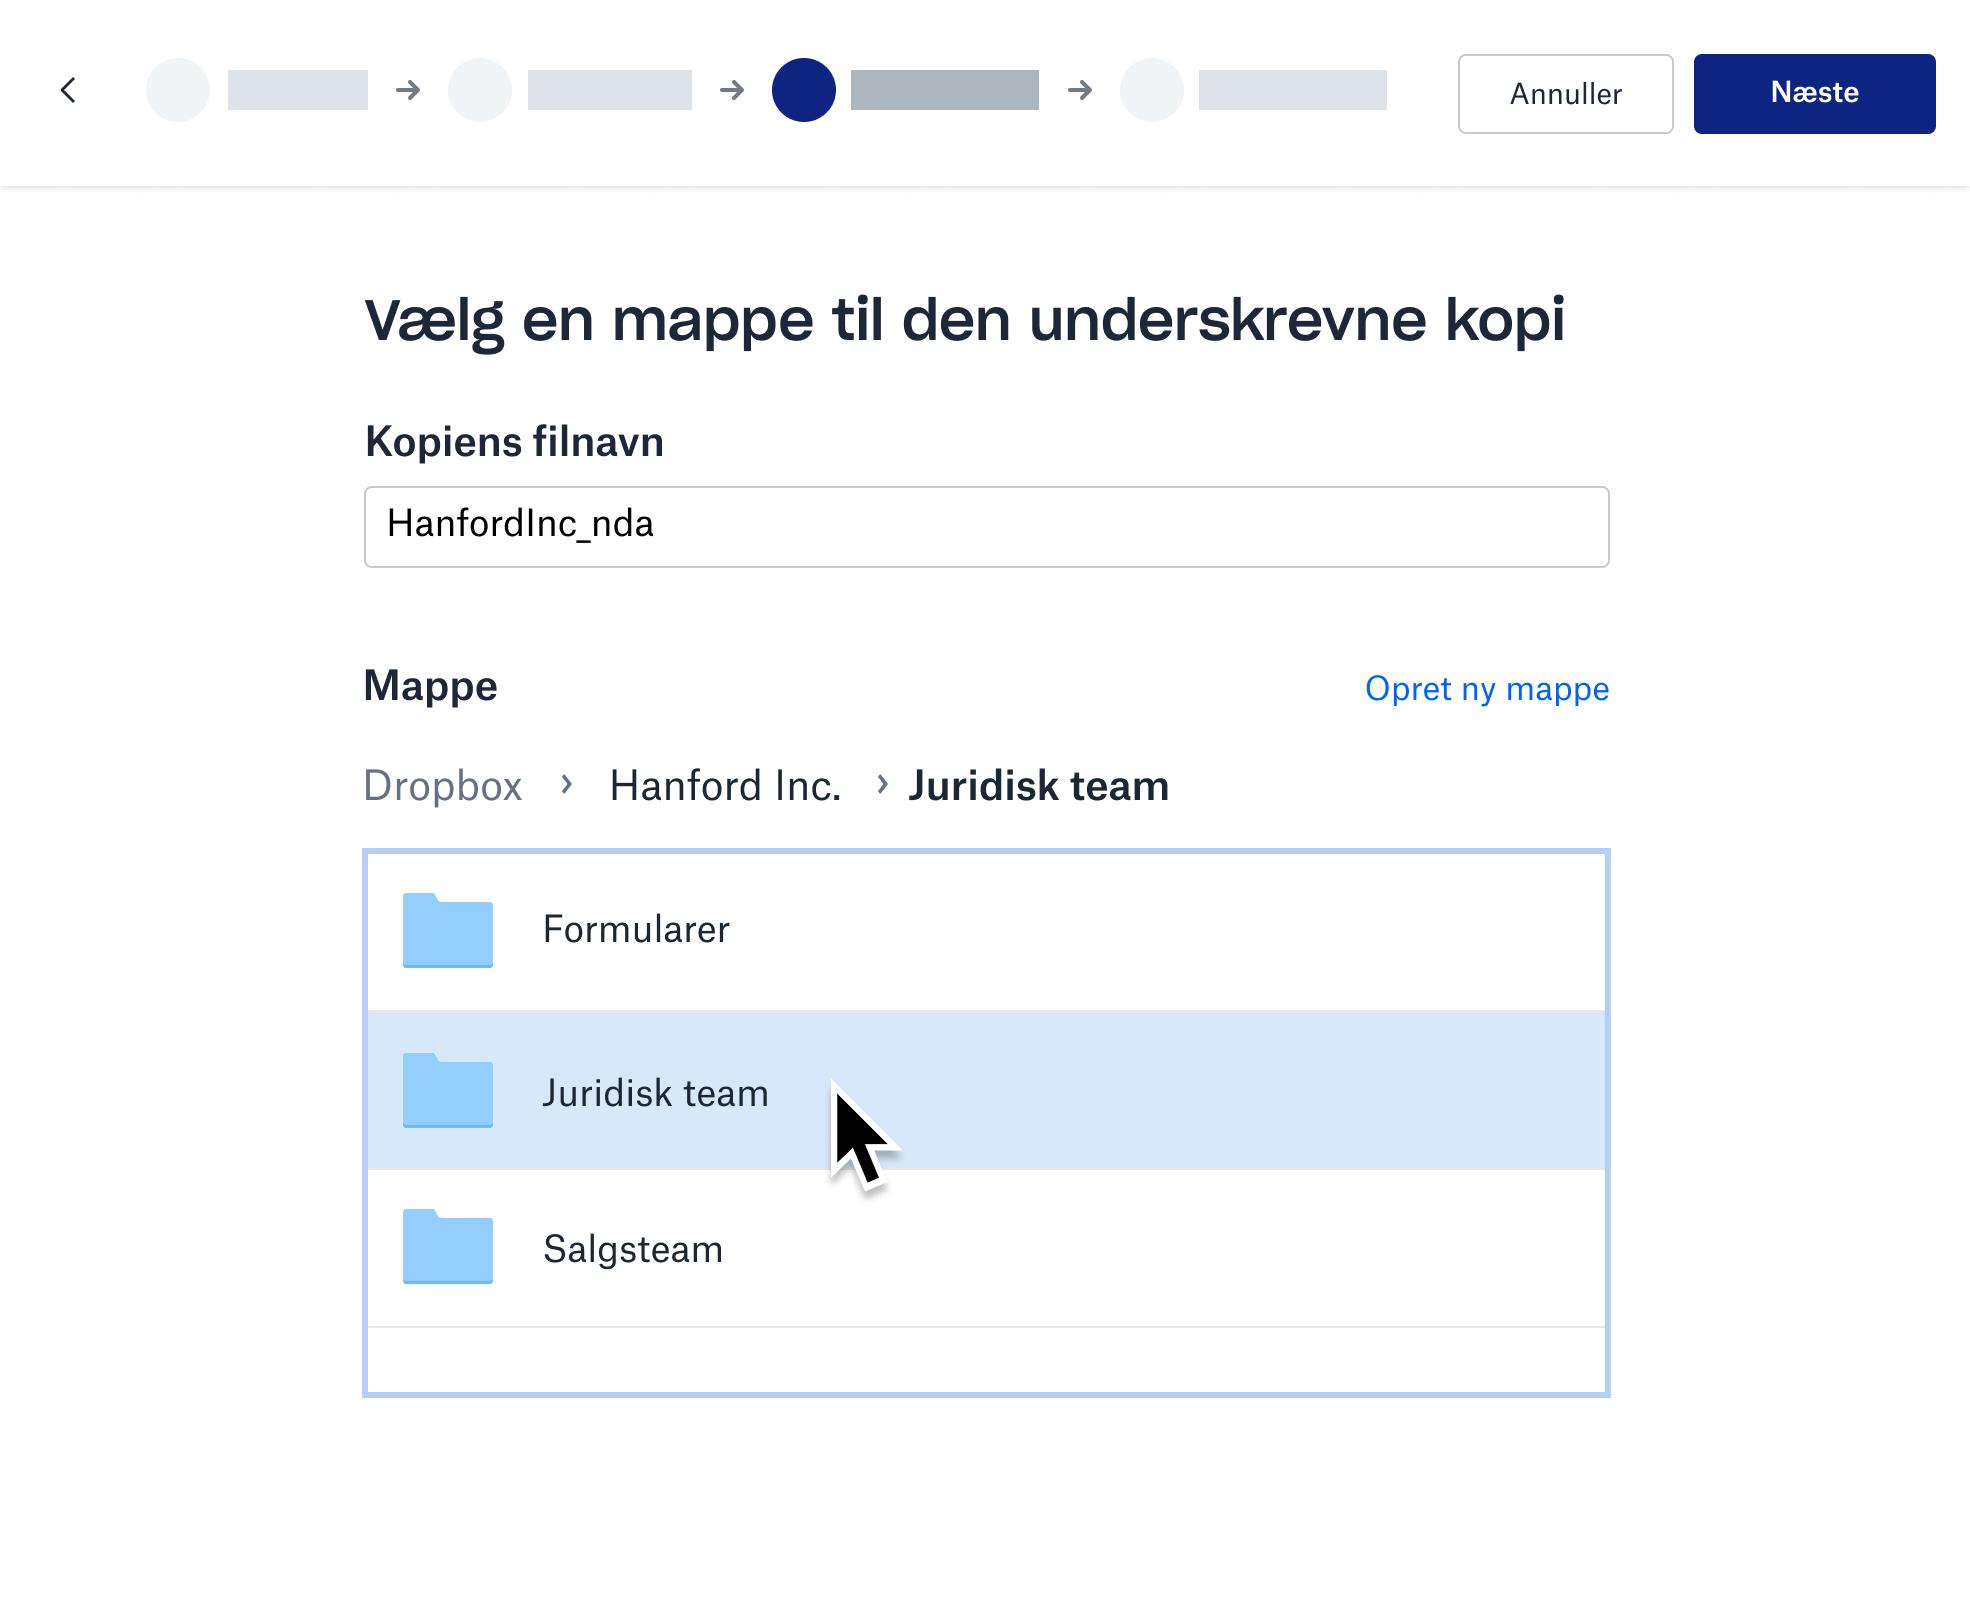 Skærmbillede af opbevaring af den underskrevne kopi i en Dropbox-mappe